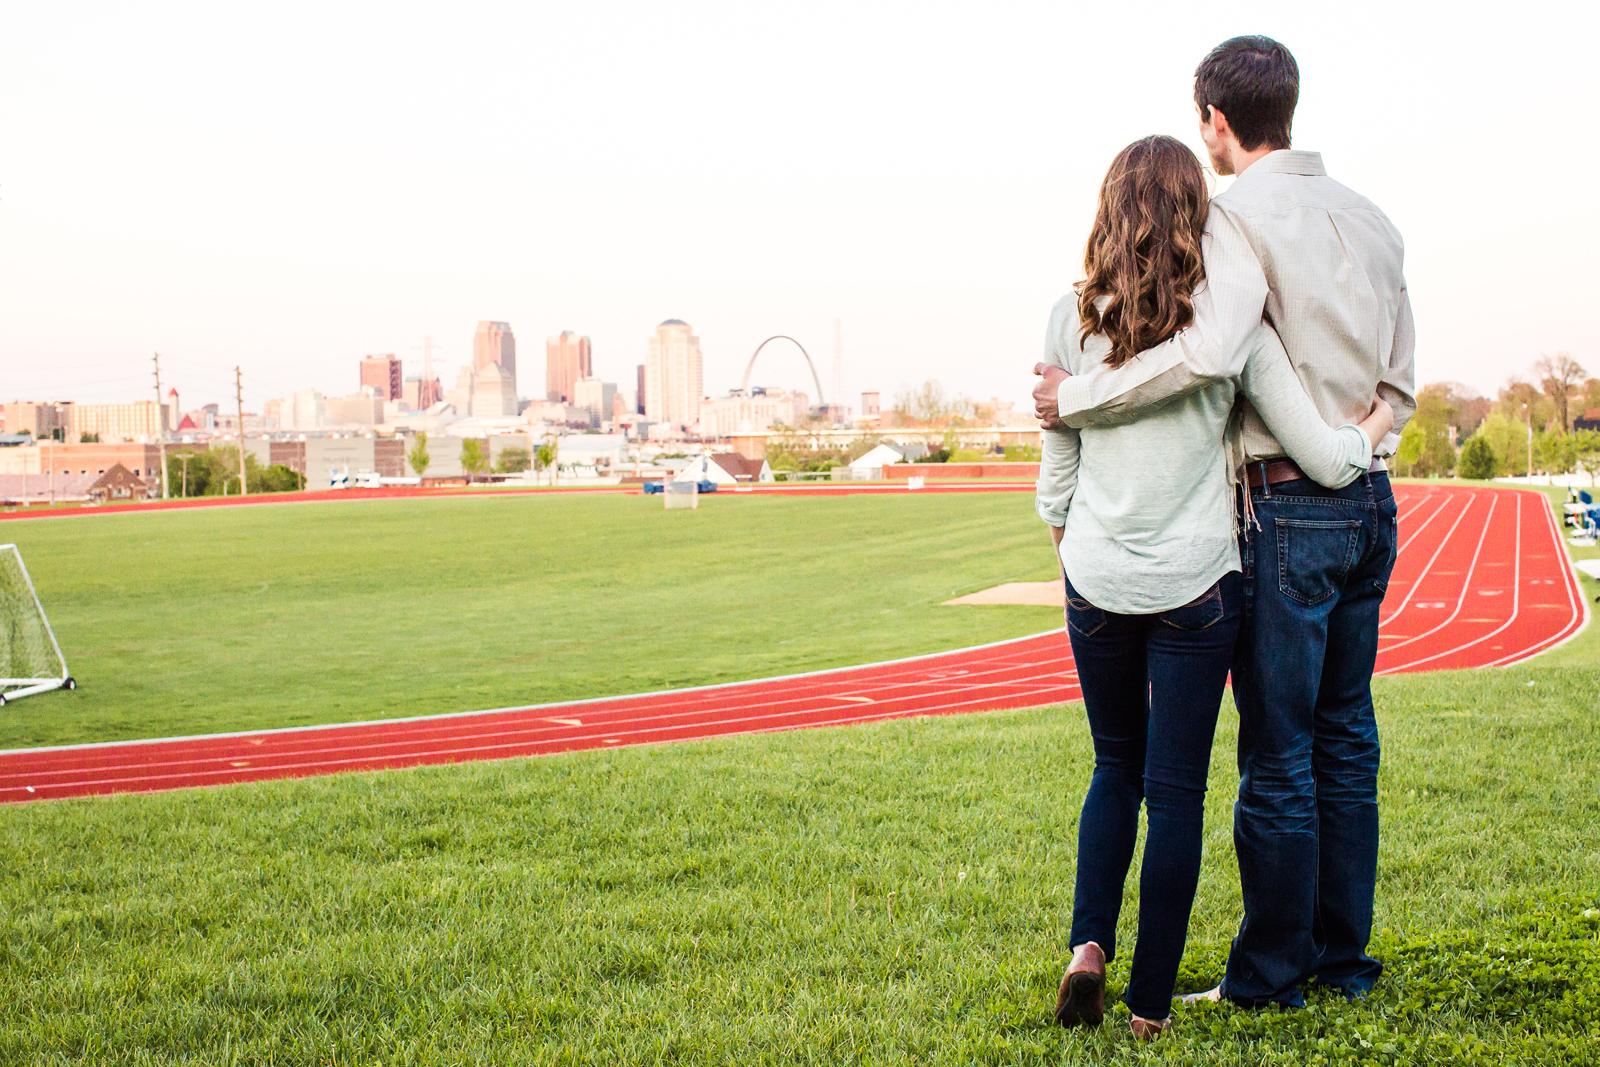 SLU Engagement Session St Louis Wedding Photographer Oldani Photography 1.jpg